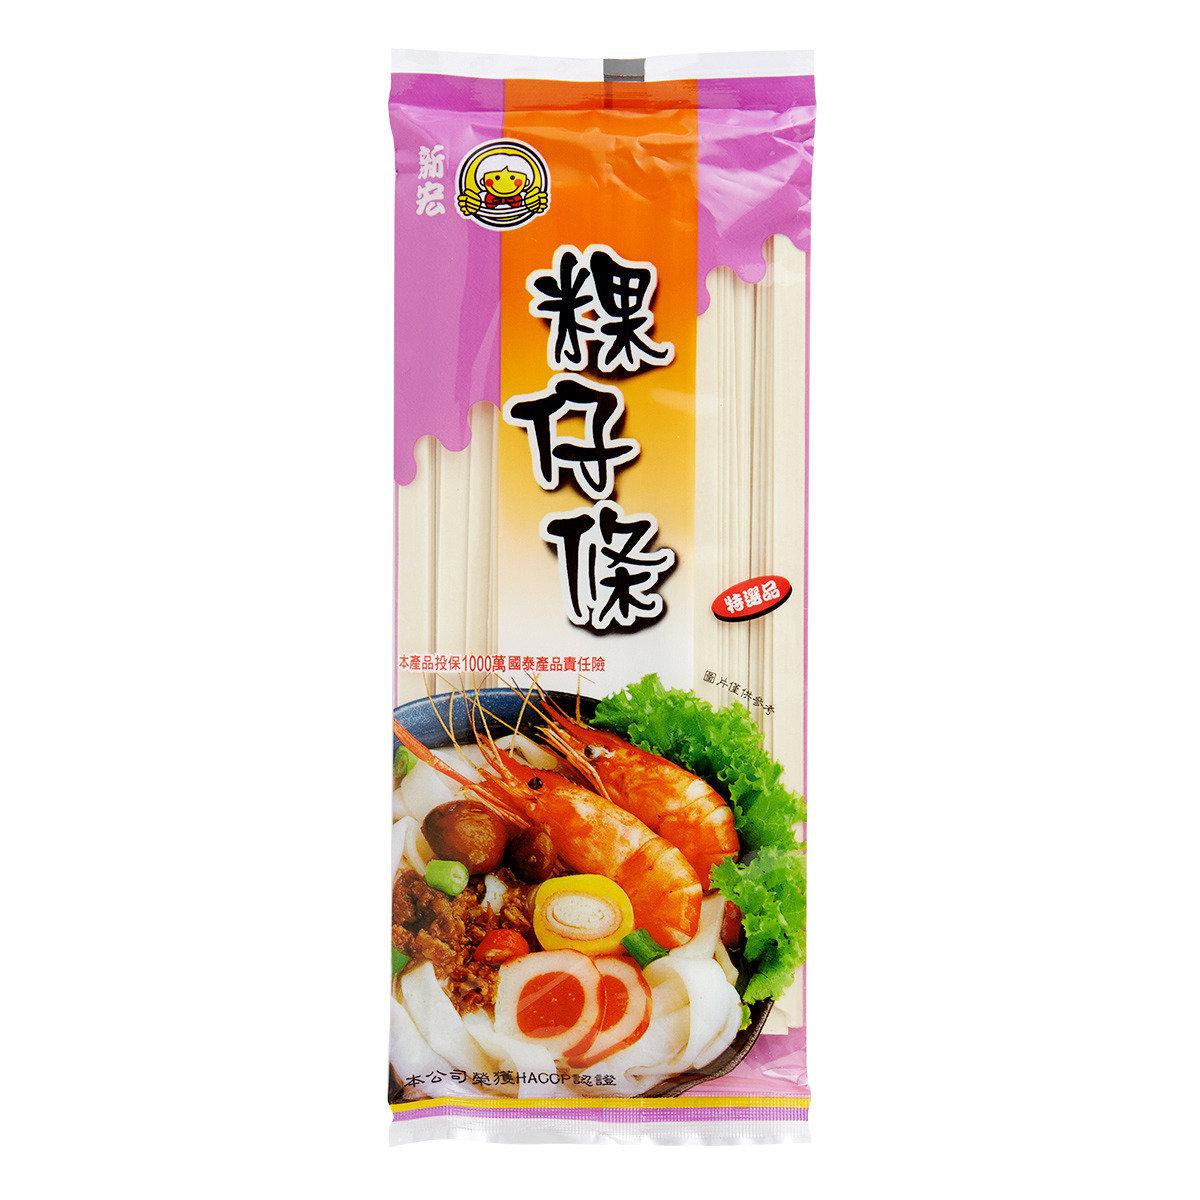 粿仔條 (賞味期限: 2016年11月18日)